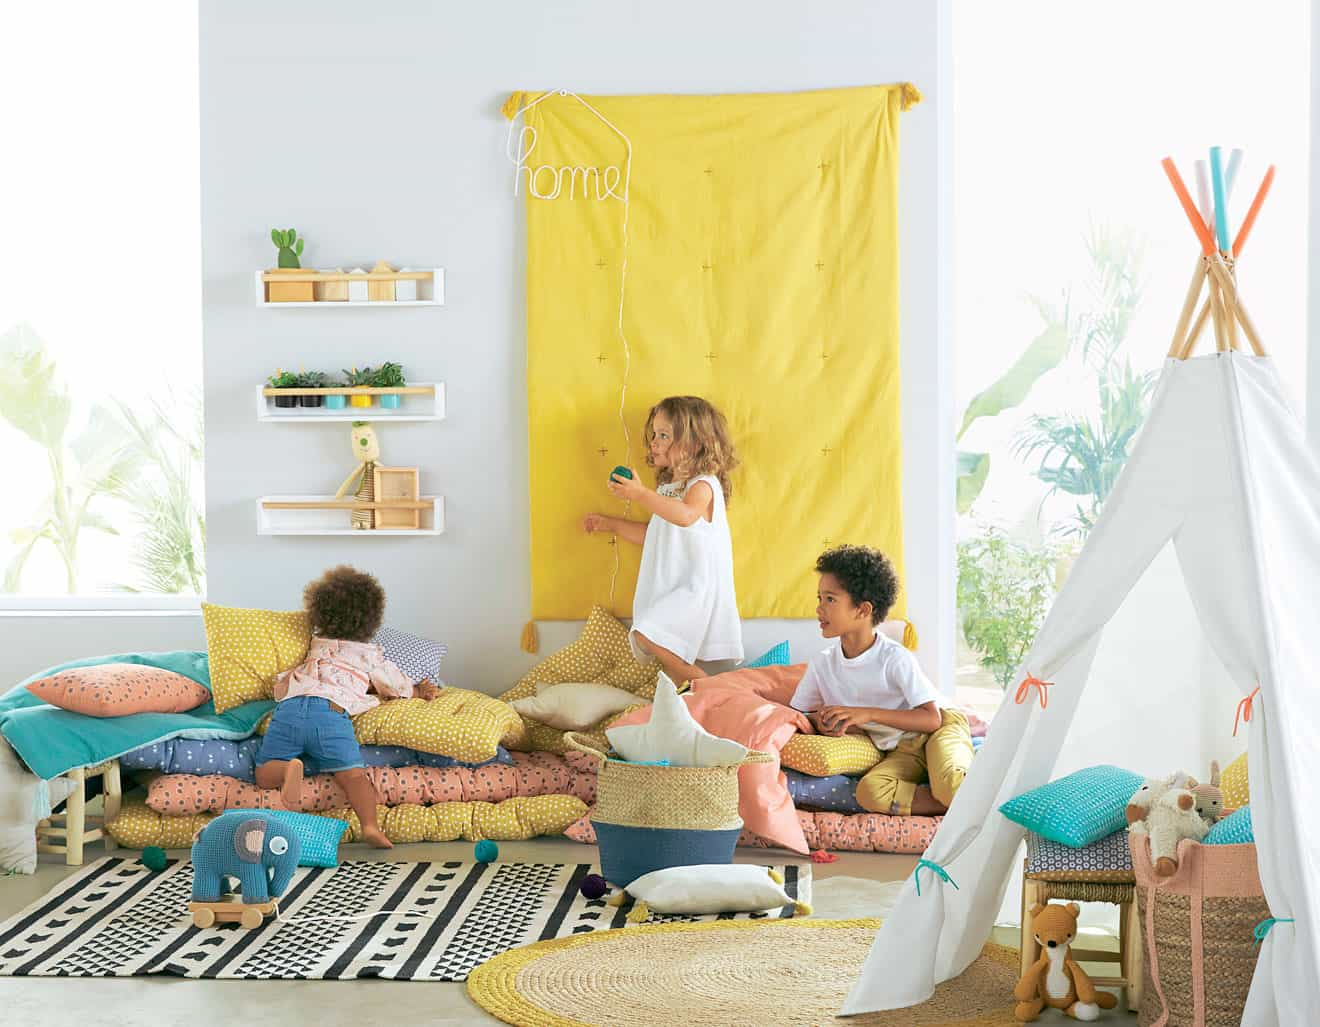 Chambre enfant : un tipi pour s'amuser et pour décorer !